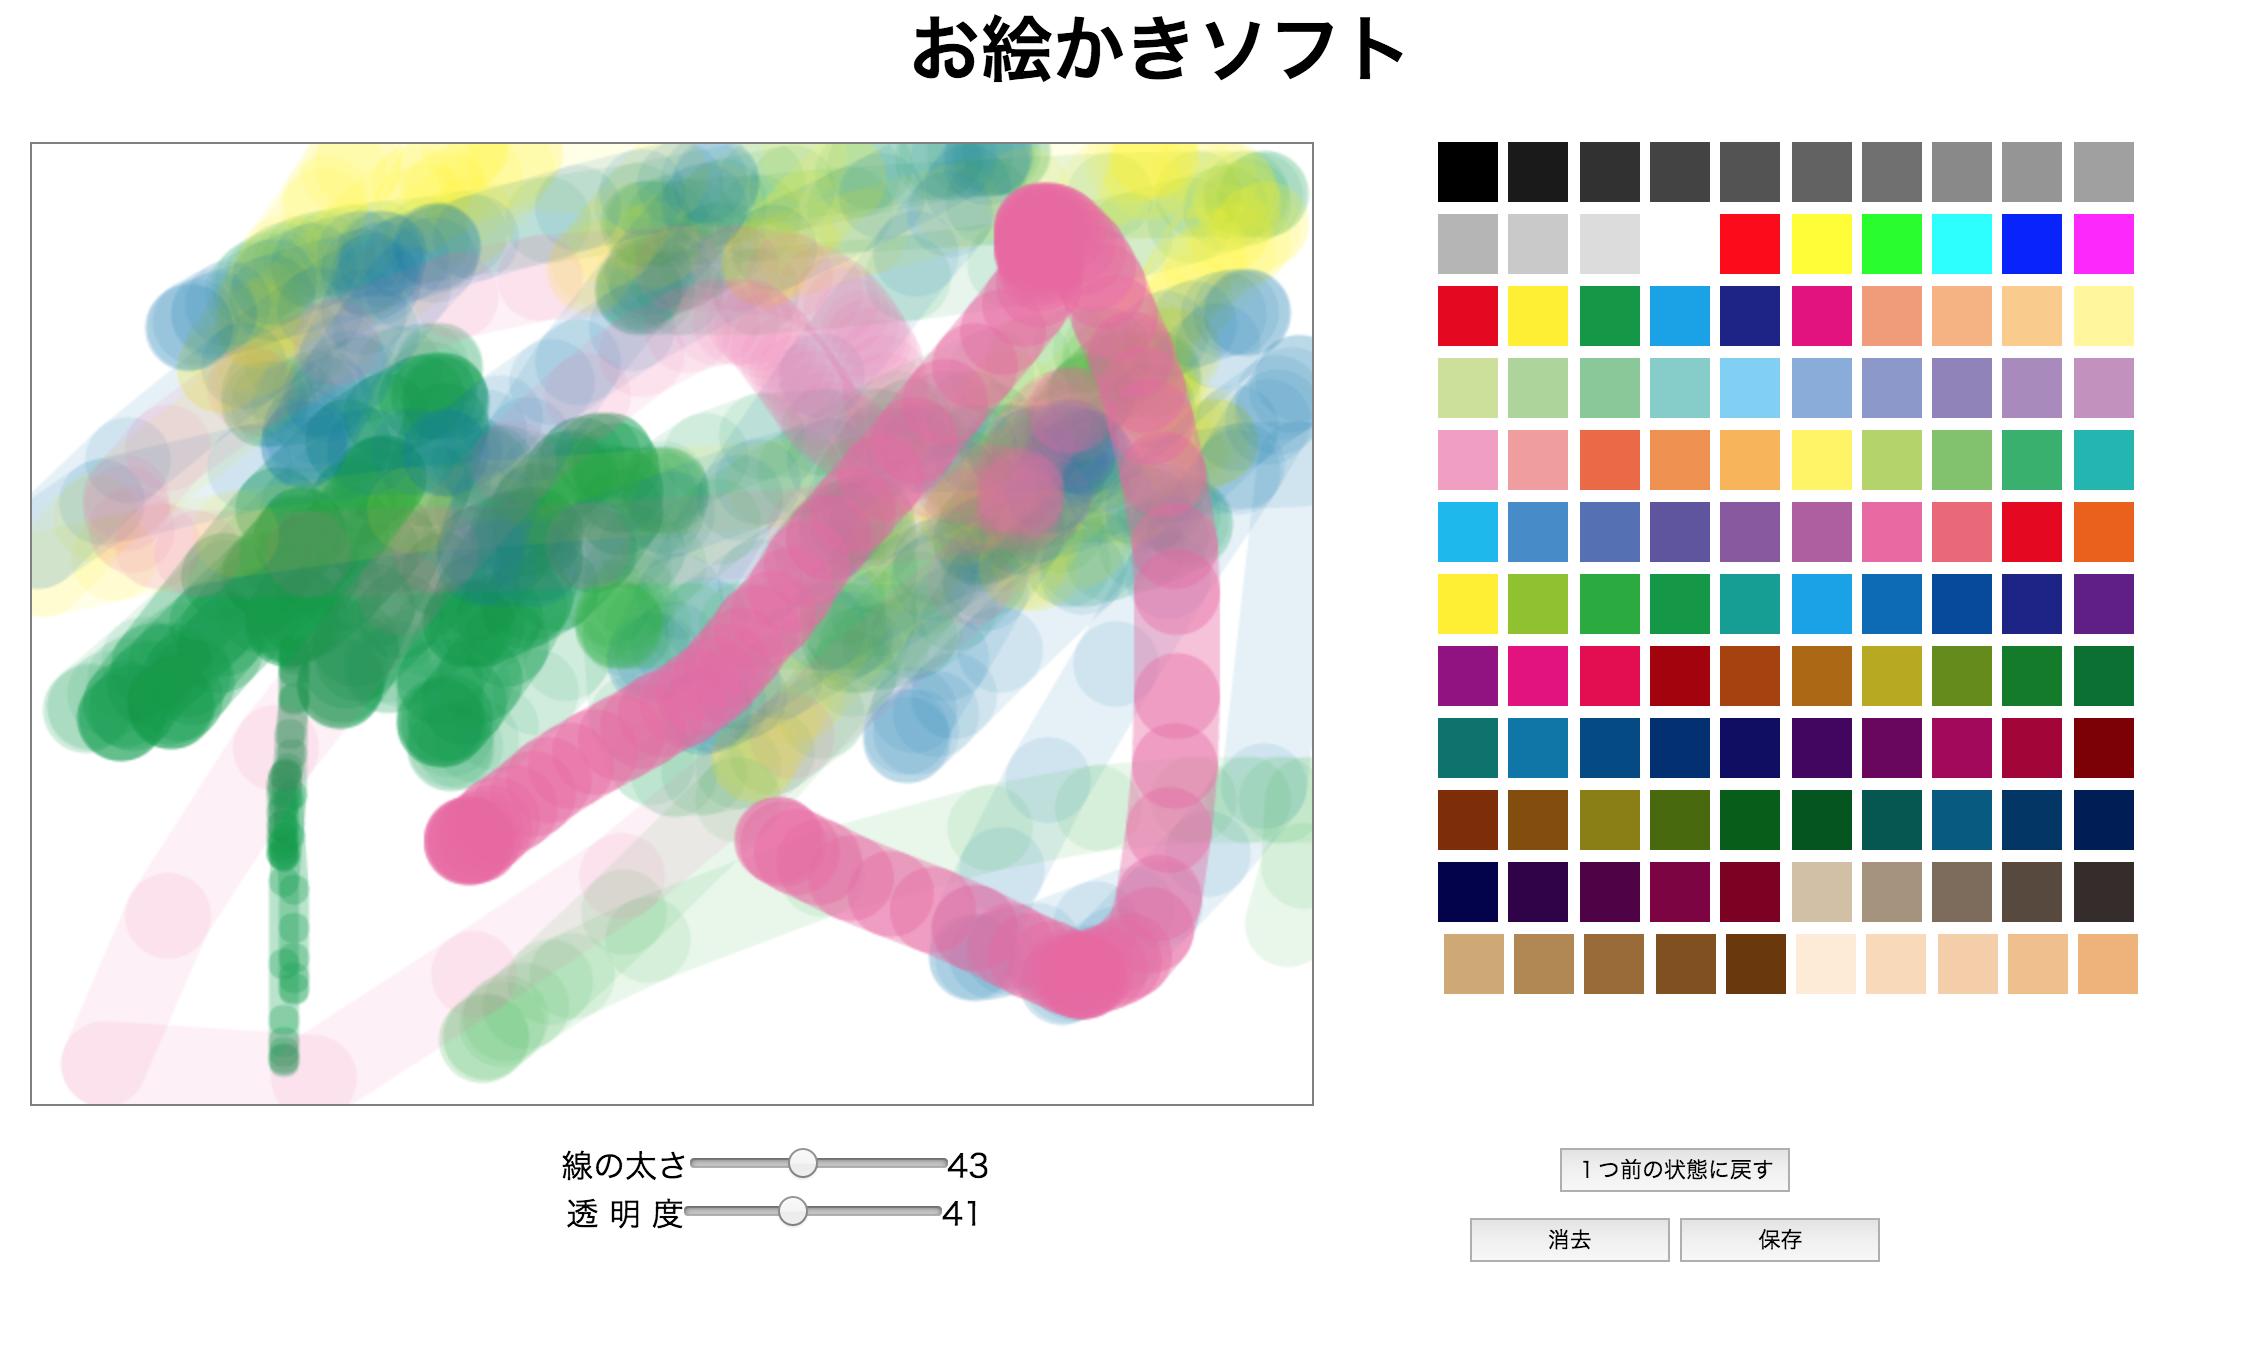 akiyukiのお絵かきソフト